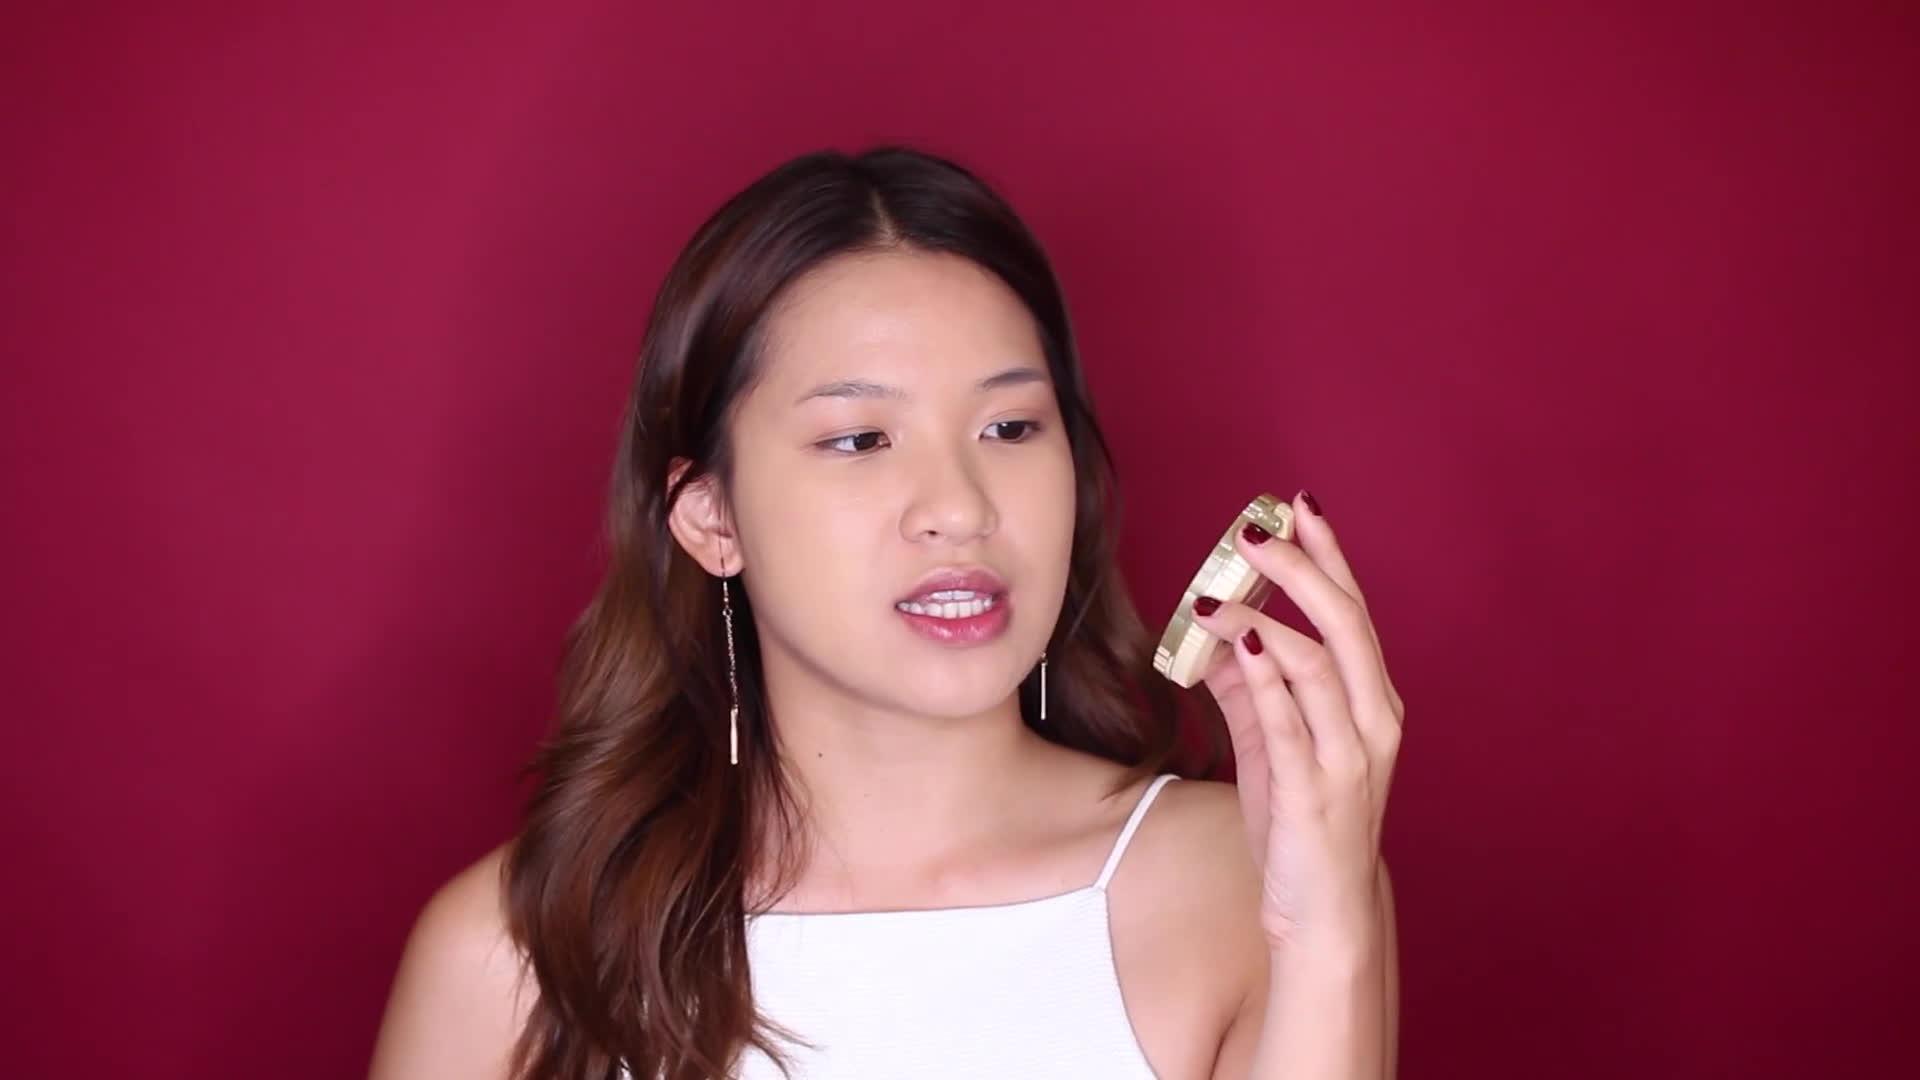 Mỹ phẩm nội địa Nhật: đại diện mới được các beauty blogger liên tục 'gọi tên'